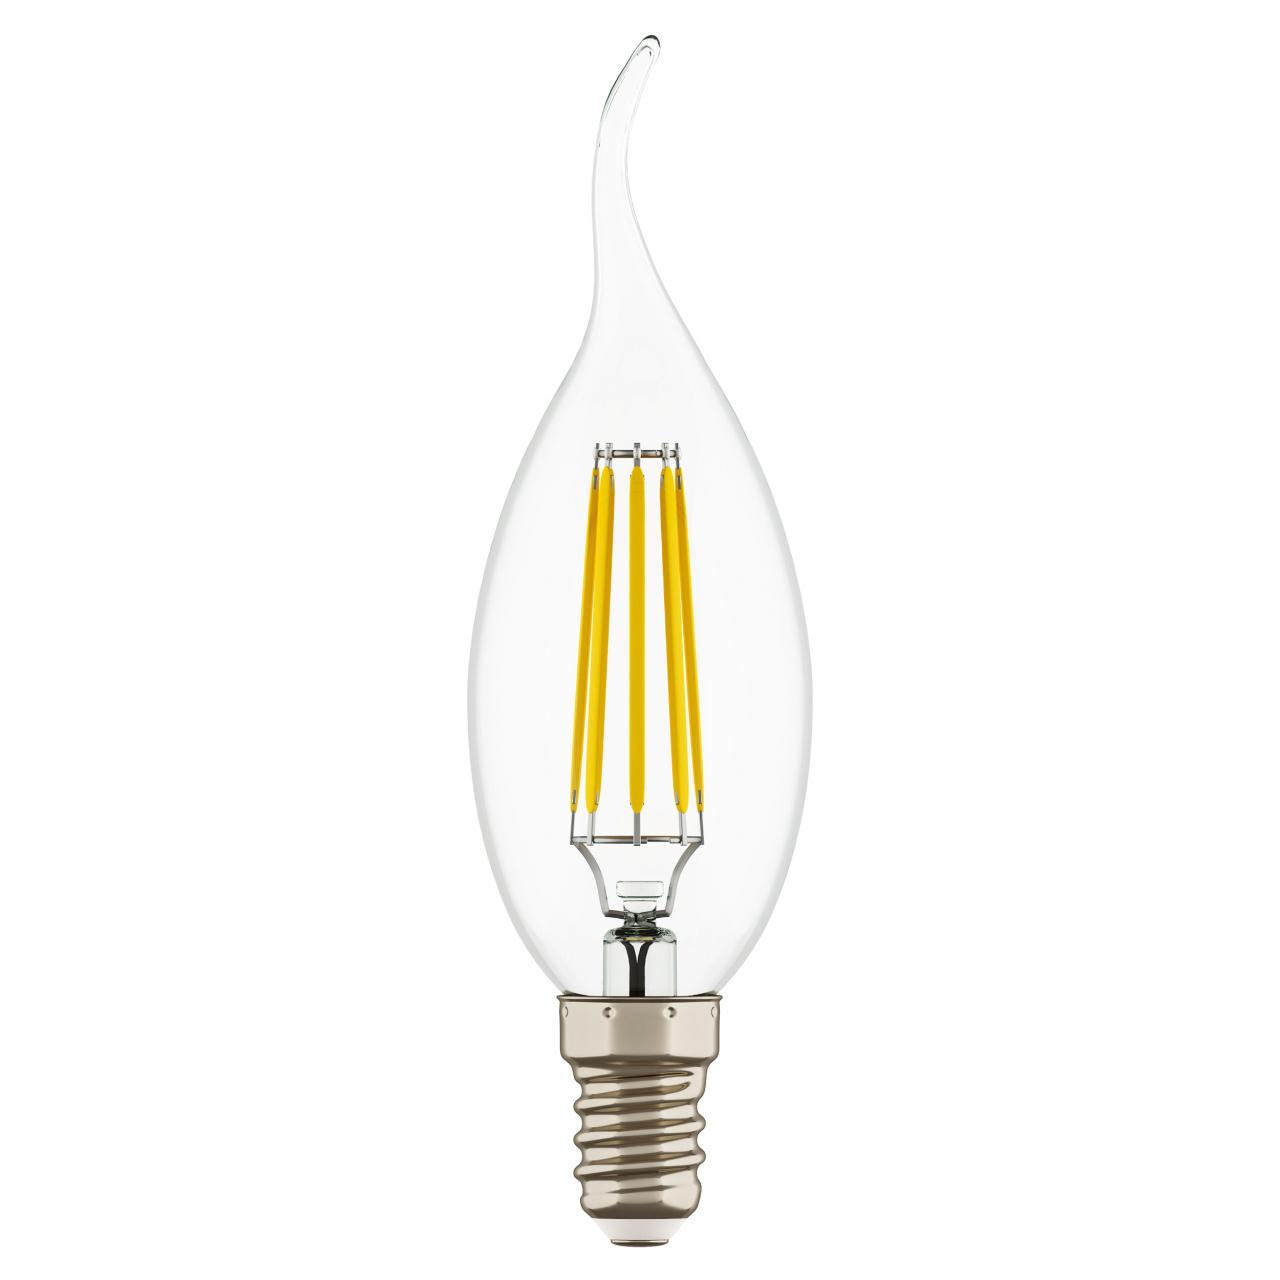 Лампа LED Filament 220V CA35 E14 6W=65W 400-430LM 360G CL 4000K 30000H Lightstar 933604